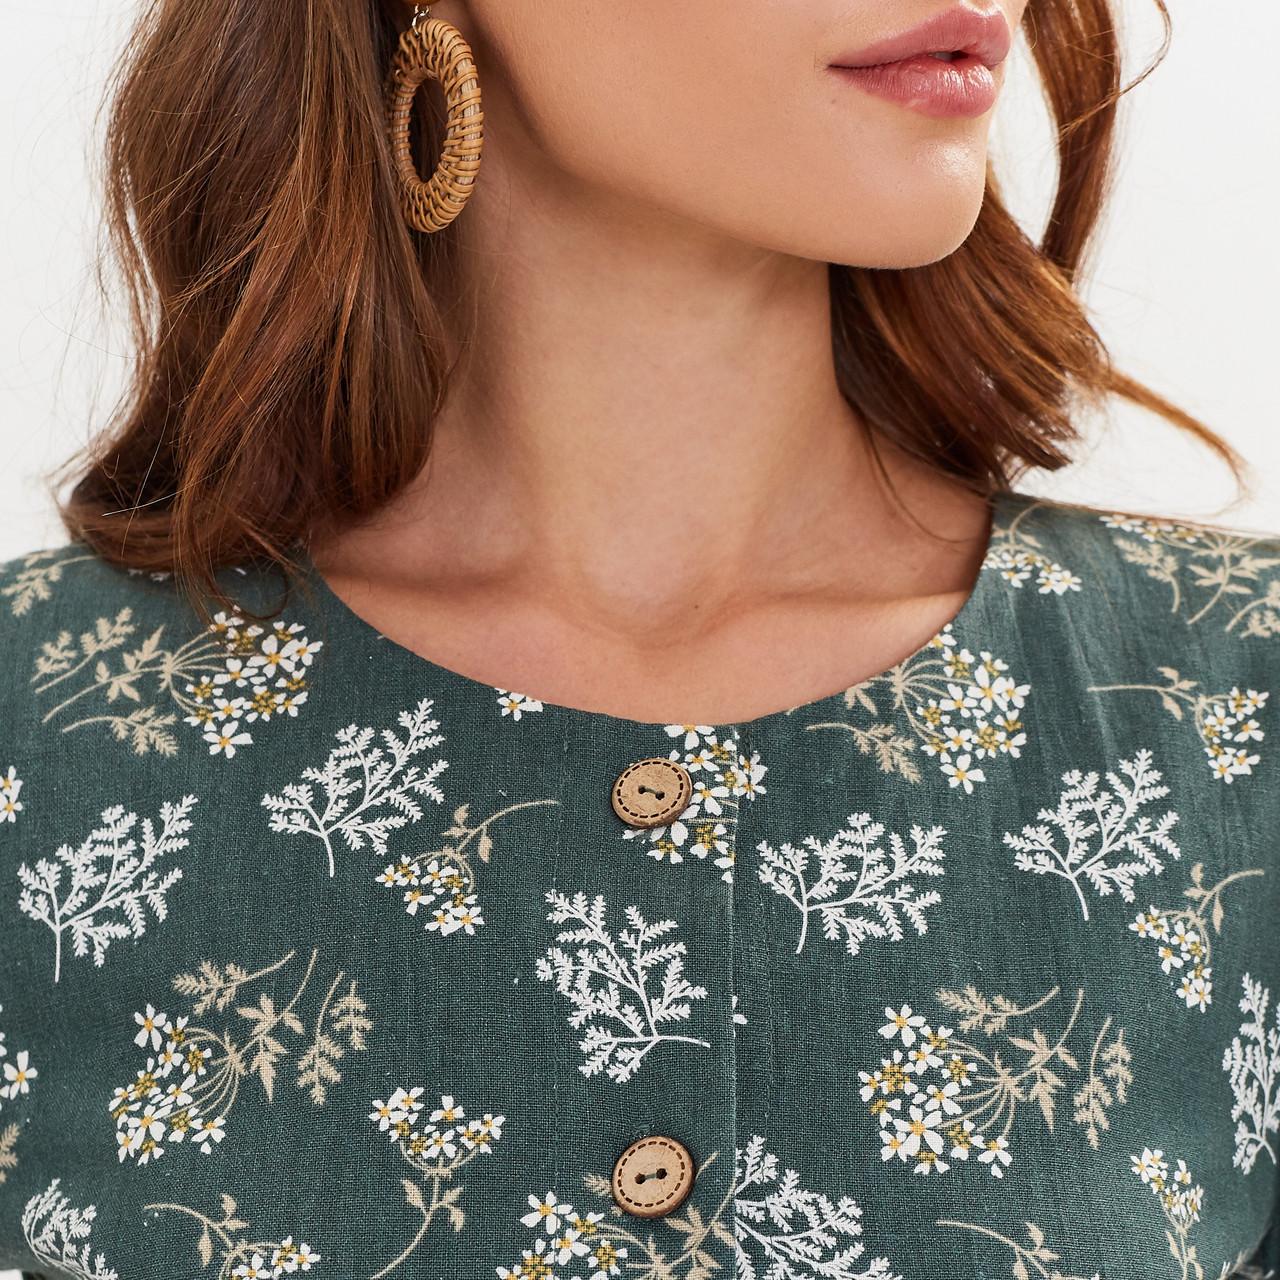 Льняное платье-халат зеленого цвета с растительным принтом. - фото 6